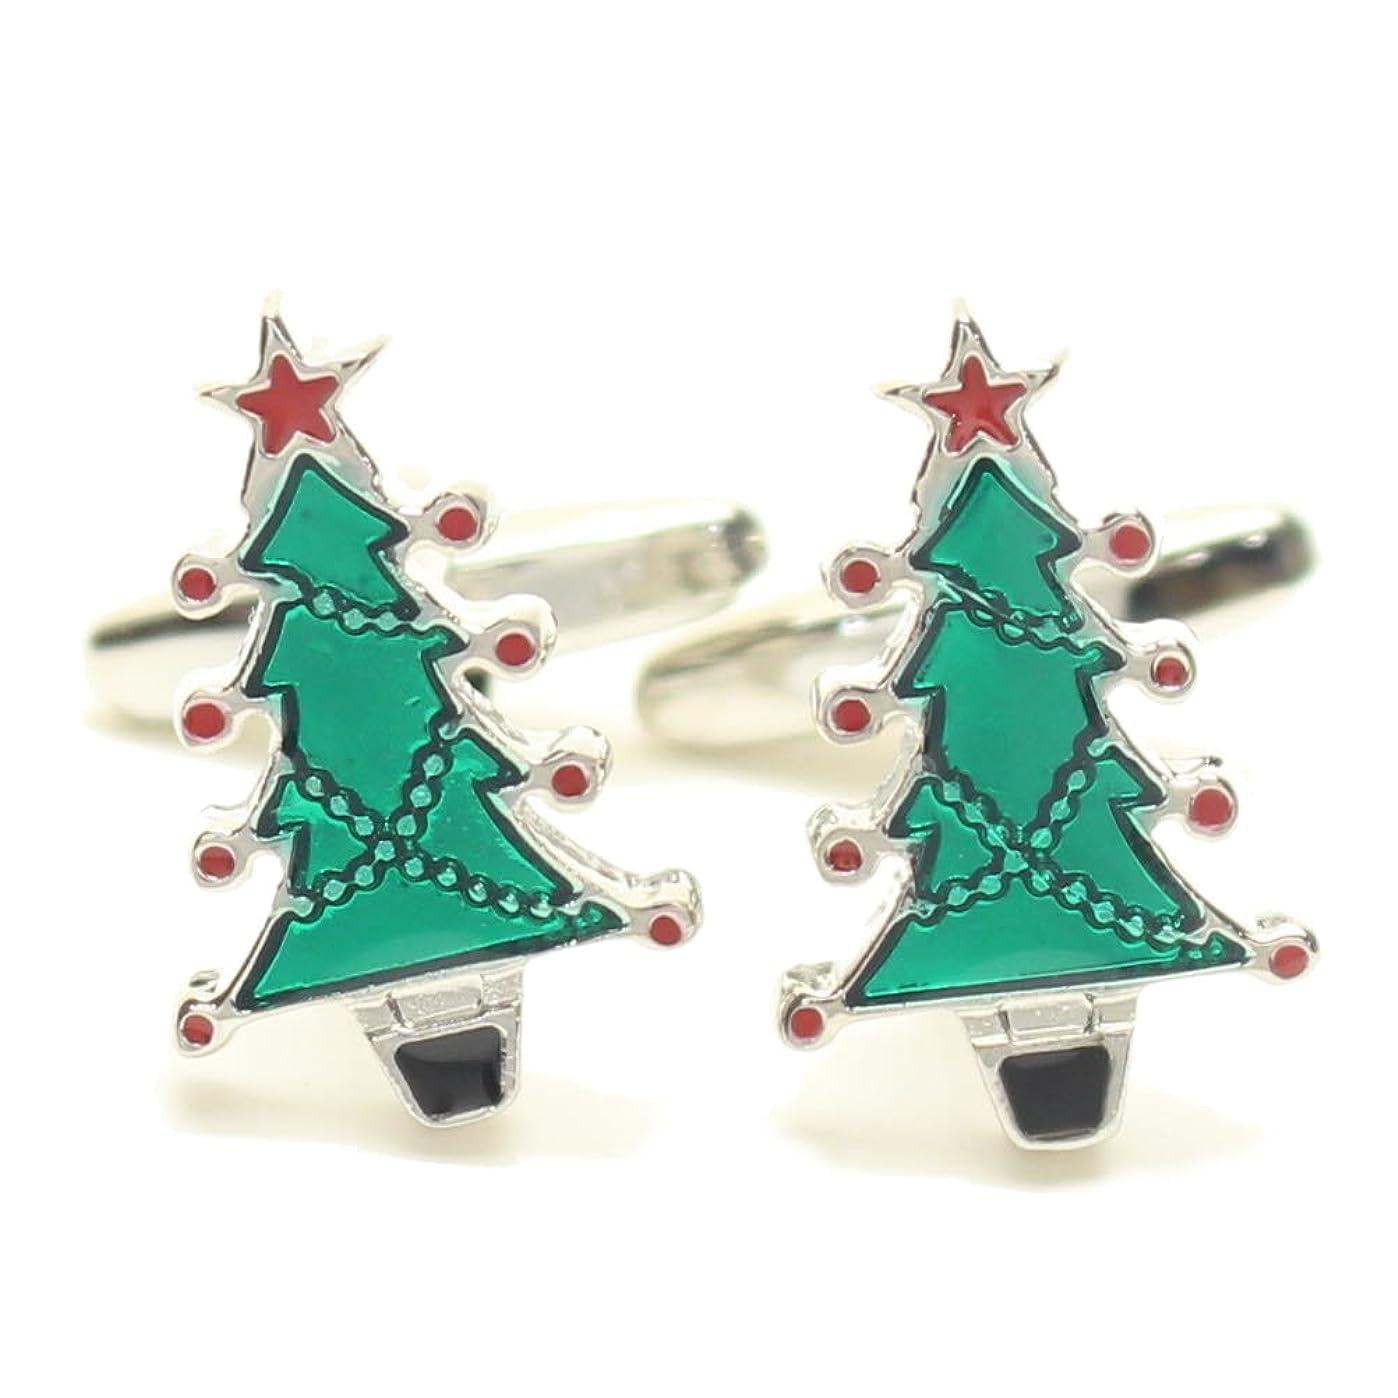 相談する振るさせる鮮やかグリーン緑のクリスマスツリーカフス カフリンクス カフスボタン